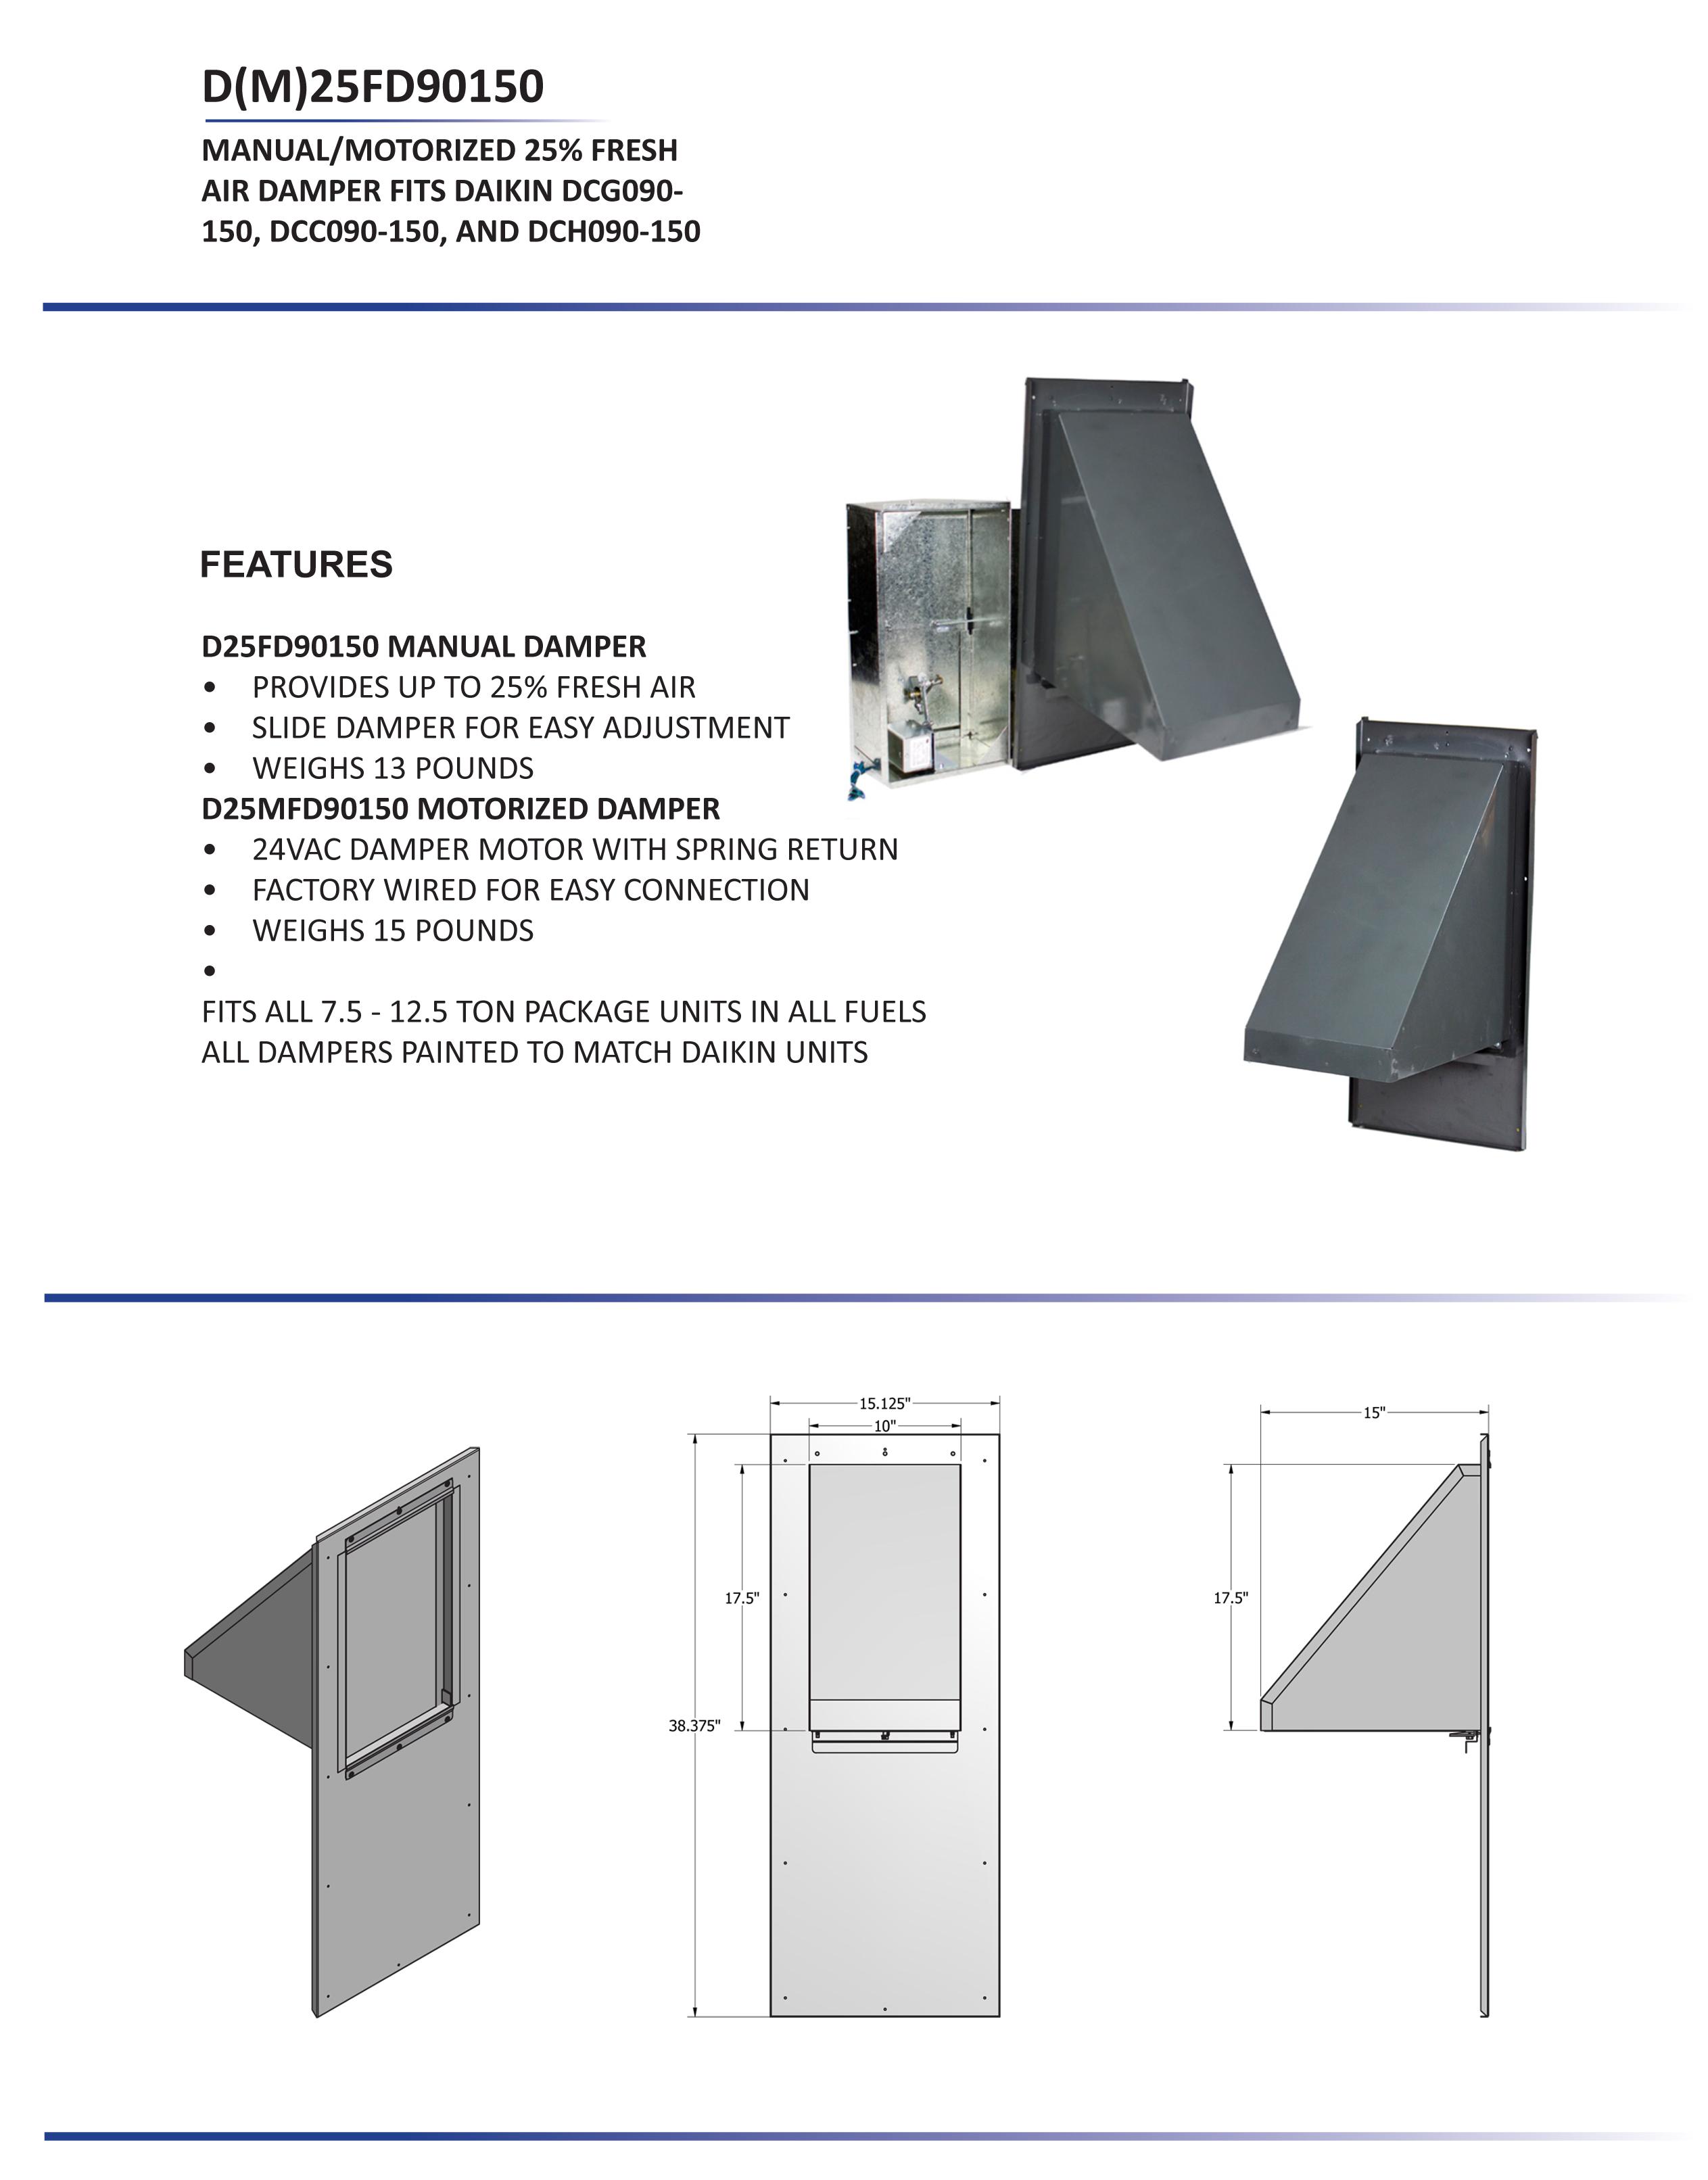 daikin split ac 1 5 ton wiring diagram manual call point 7 12 25 fresh air damper dcc dcg